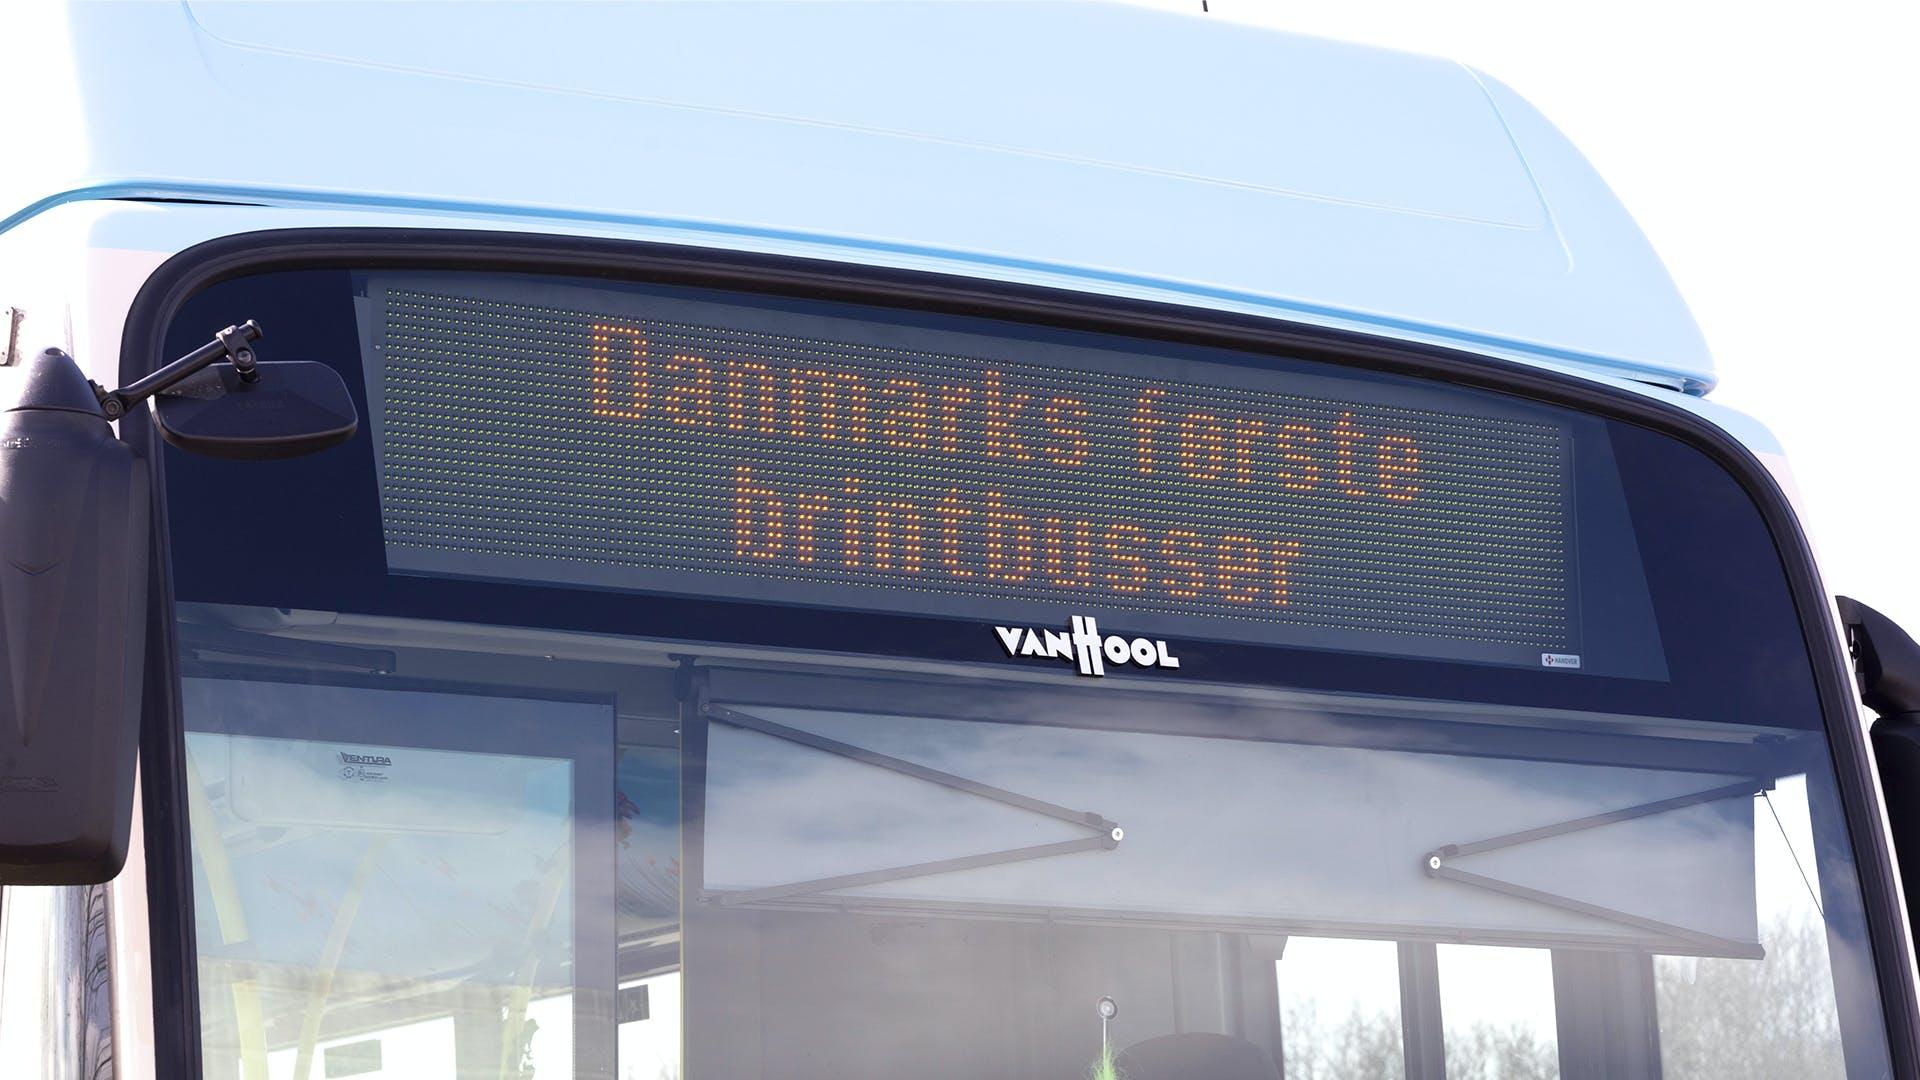 Danmarks første tre brintbusser kører nu i det nordjyske landskab. Foto: Line Bloch Klostergaard, Region Nordjylland.